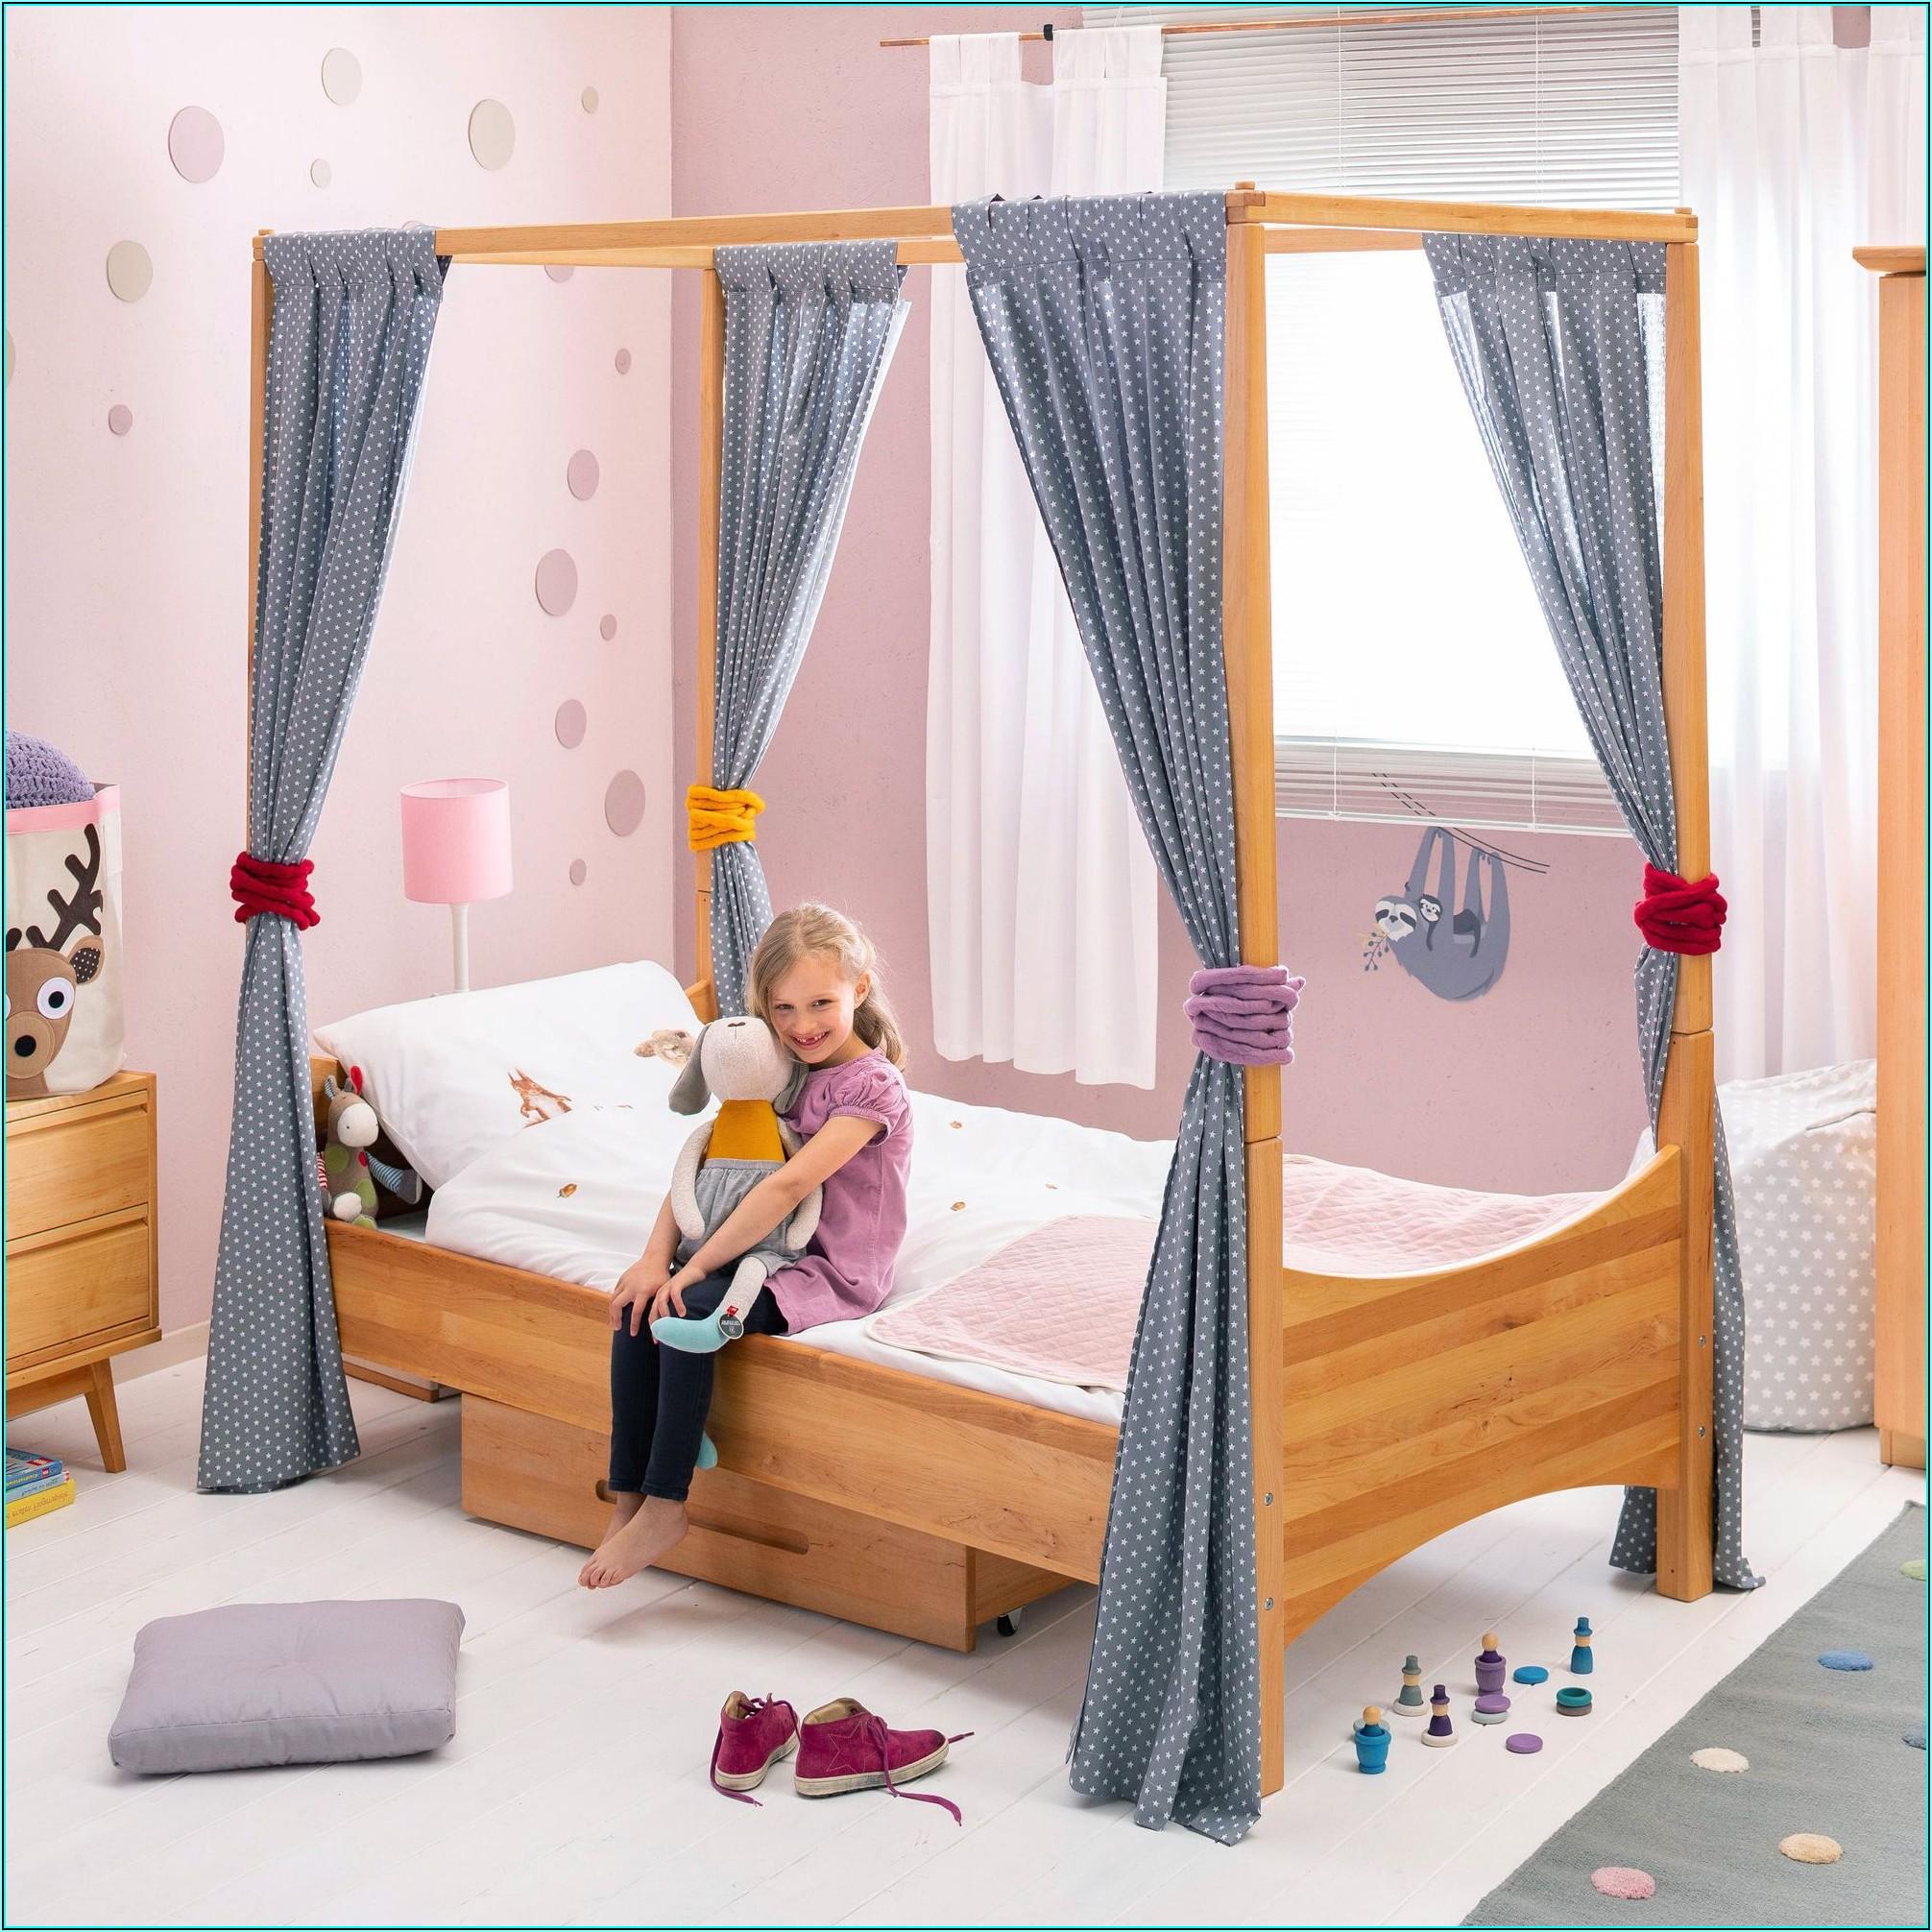 Himmel Für Bett Kinderzimmer